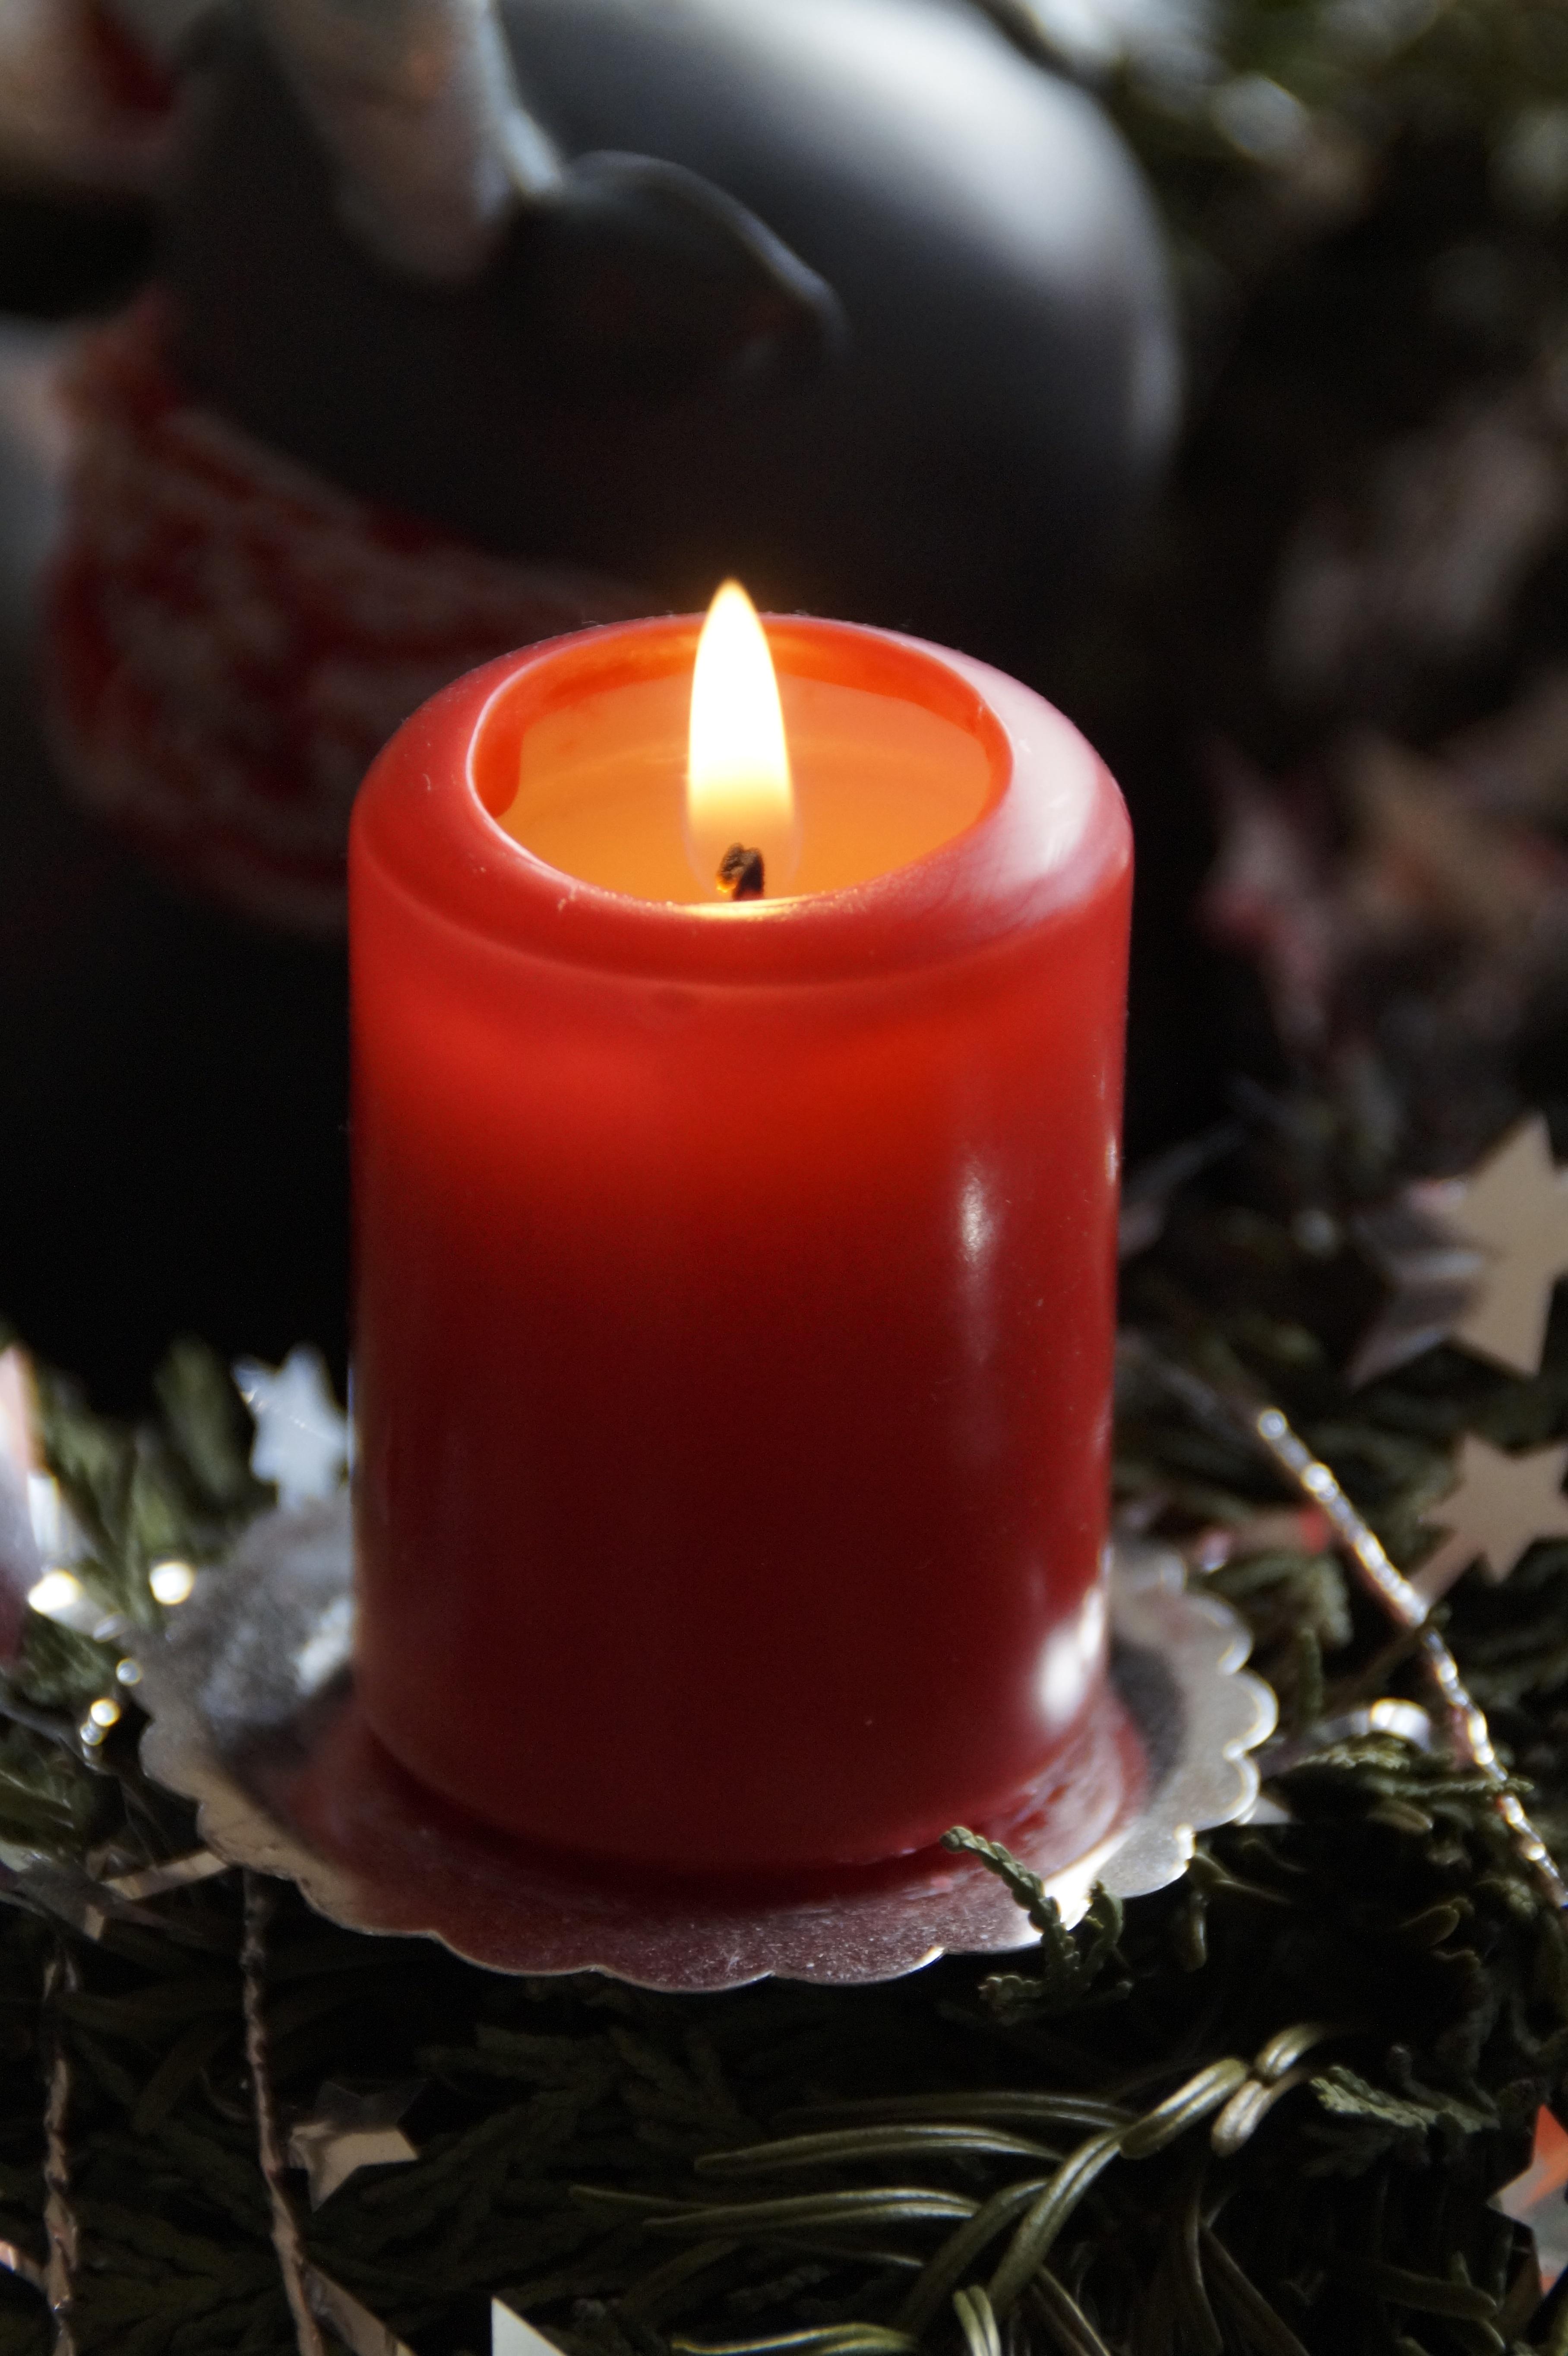 kostenlose foto winter licht blume rot flamme kerze weihnachten beleuchtung dekor. Black Bedroom Furniture Sets. Home Design Ideas